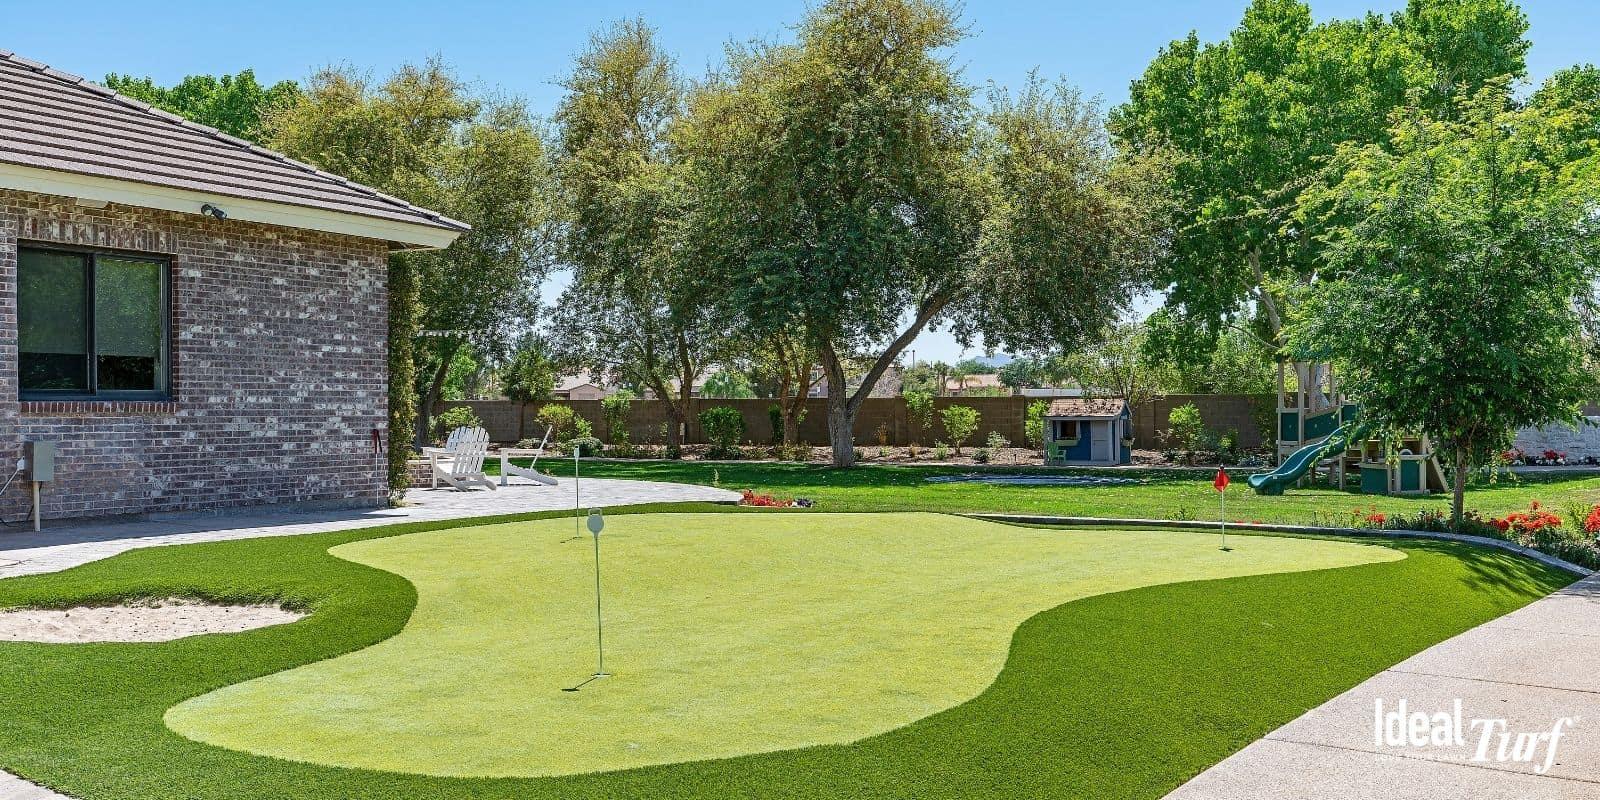 8. Artificial Turf Backyard Putting Green